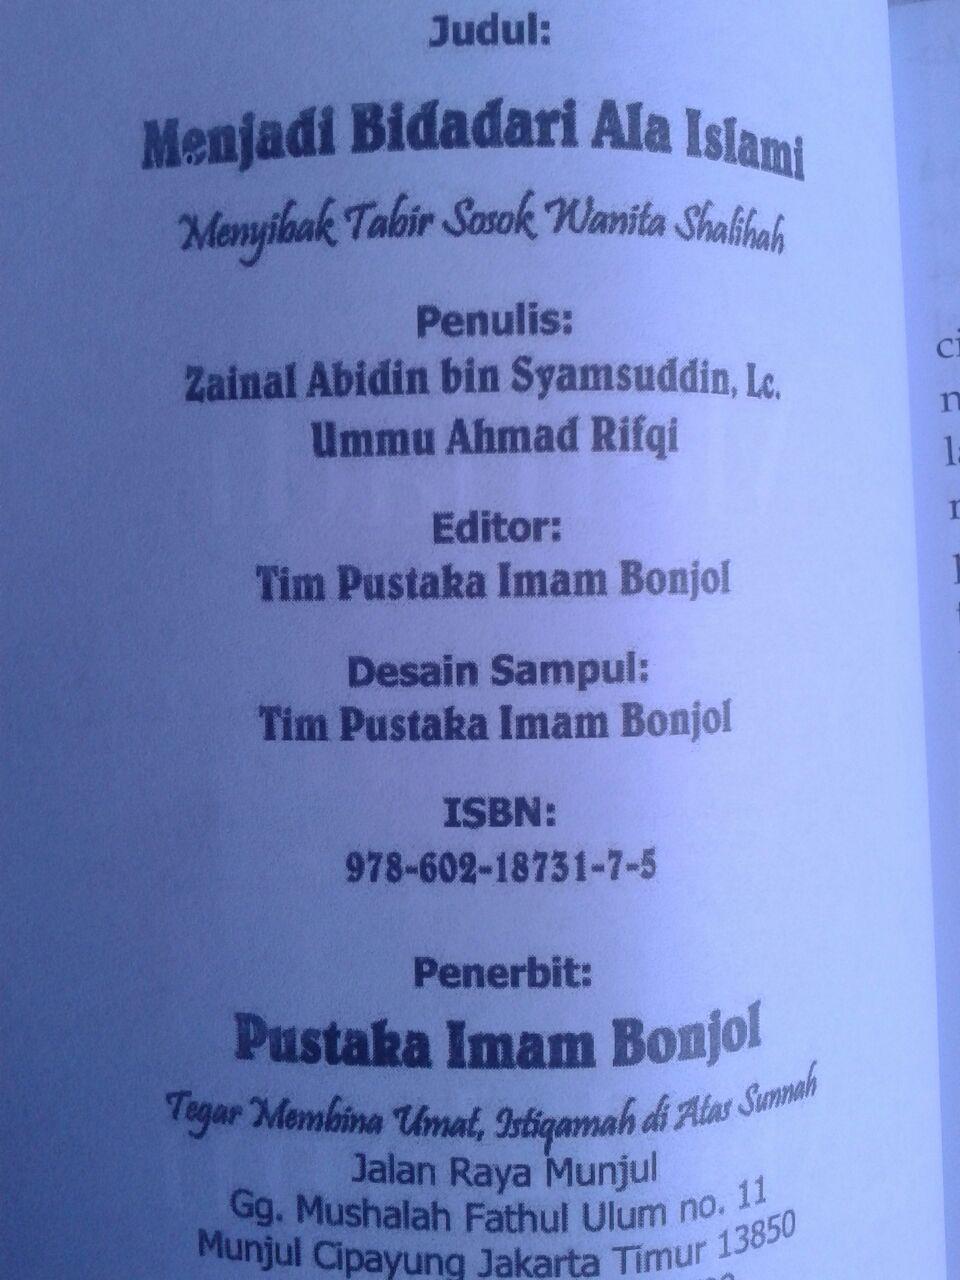 Buku Menjadi Bidadari Cantik Ala Islami Sosok Wanita Shalihah isi